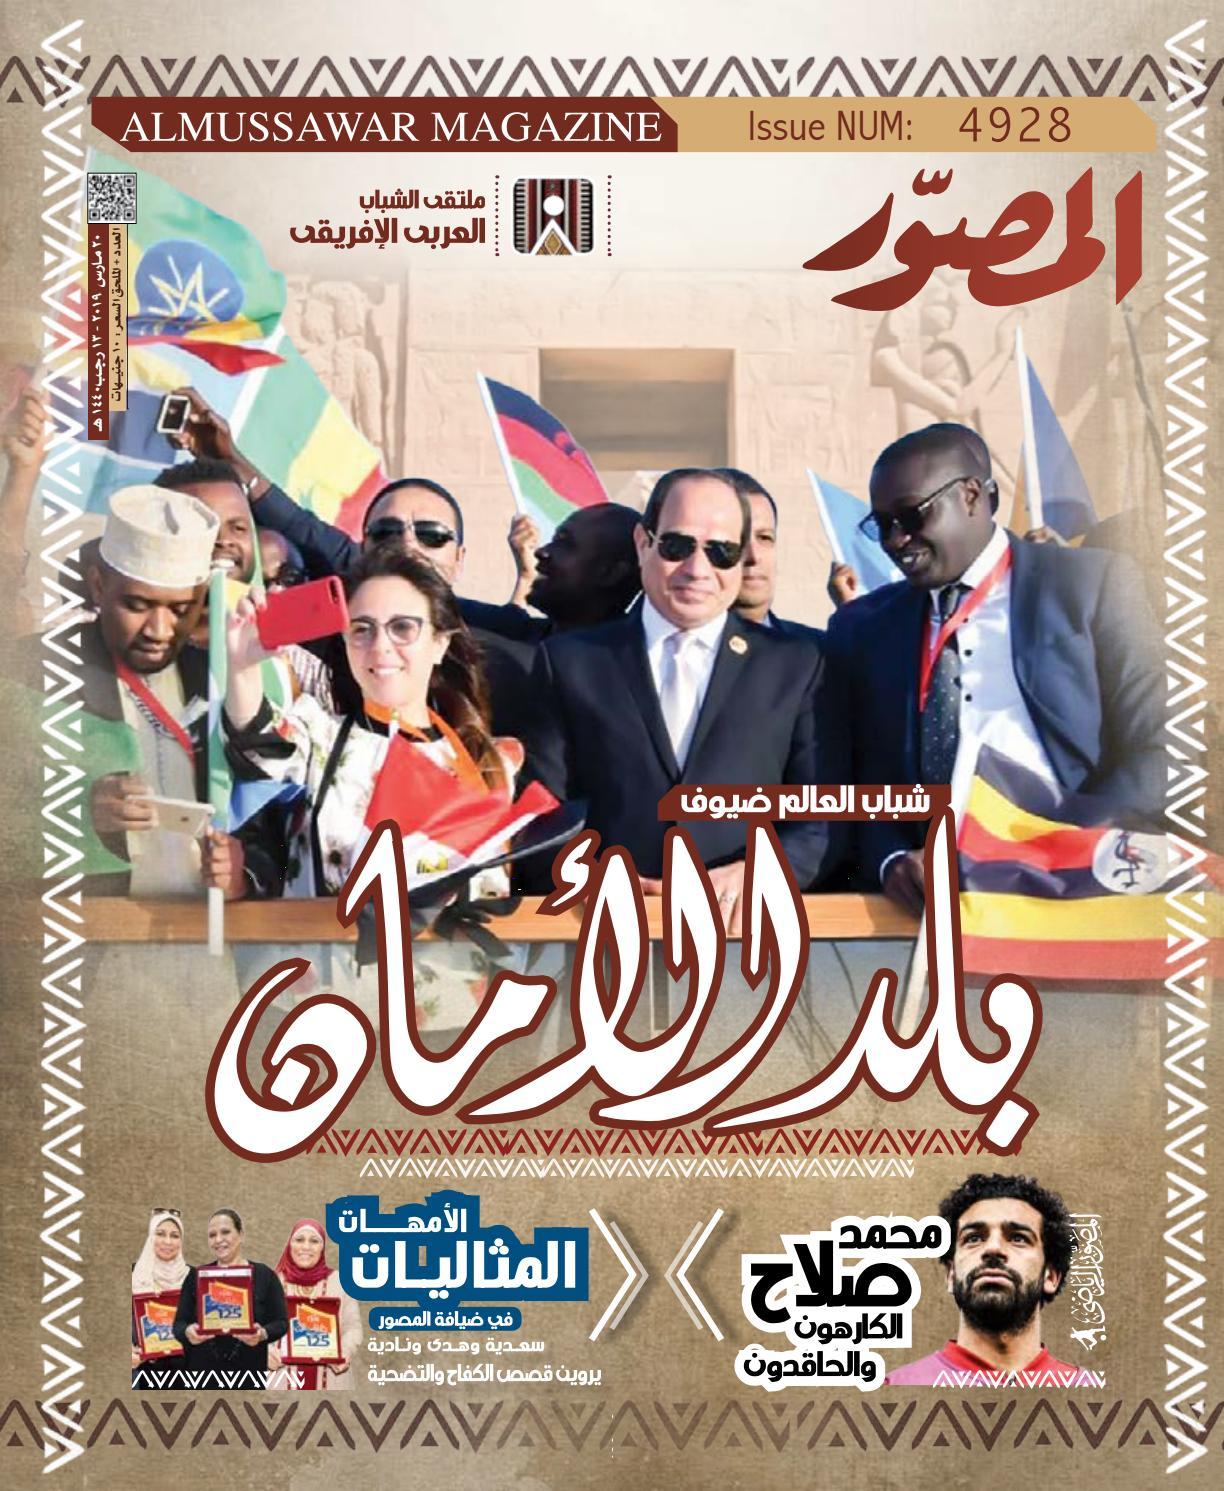 6b2d22478d536 مجلة المصور by اليوم السابع - issuu